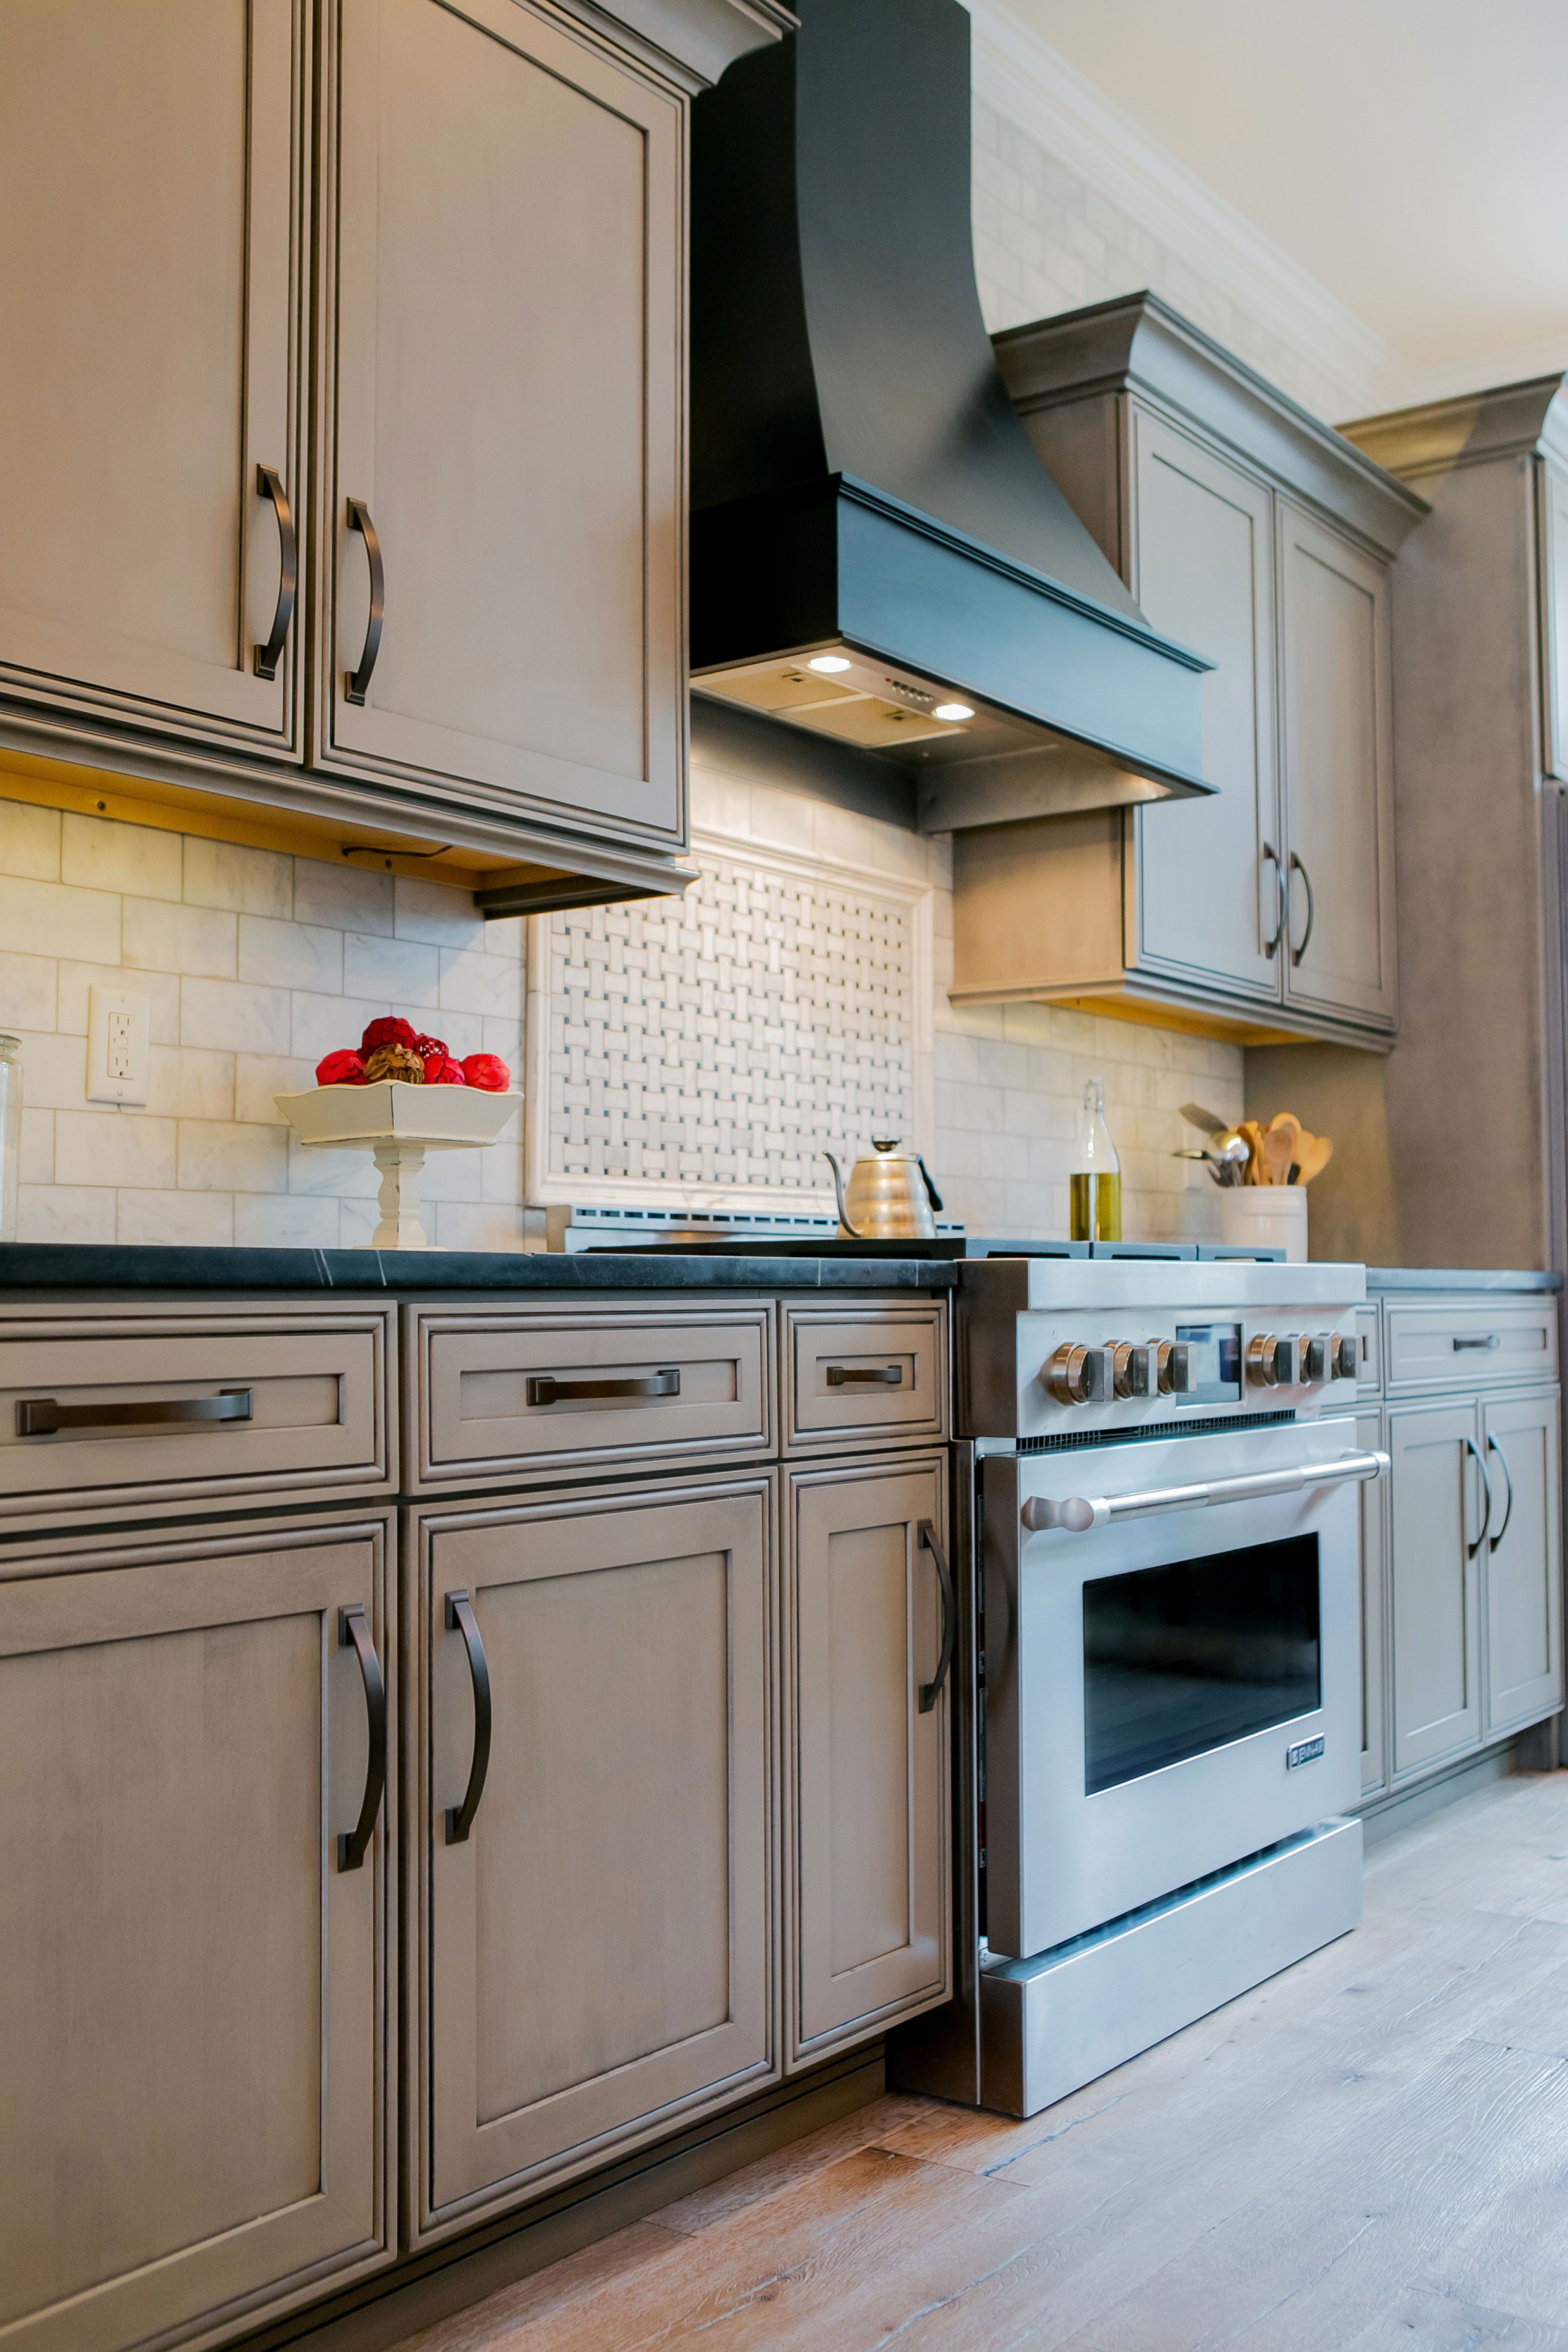 Kitchen 84 Design Studios 84lumber Dreamkitchen Designinspiration Custom Interiordesign Interior123 Kitchen Kitchen Cabinets Home Decor